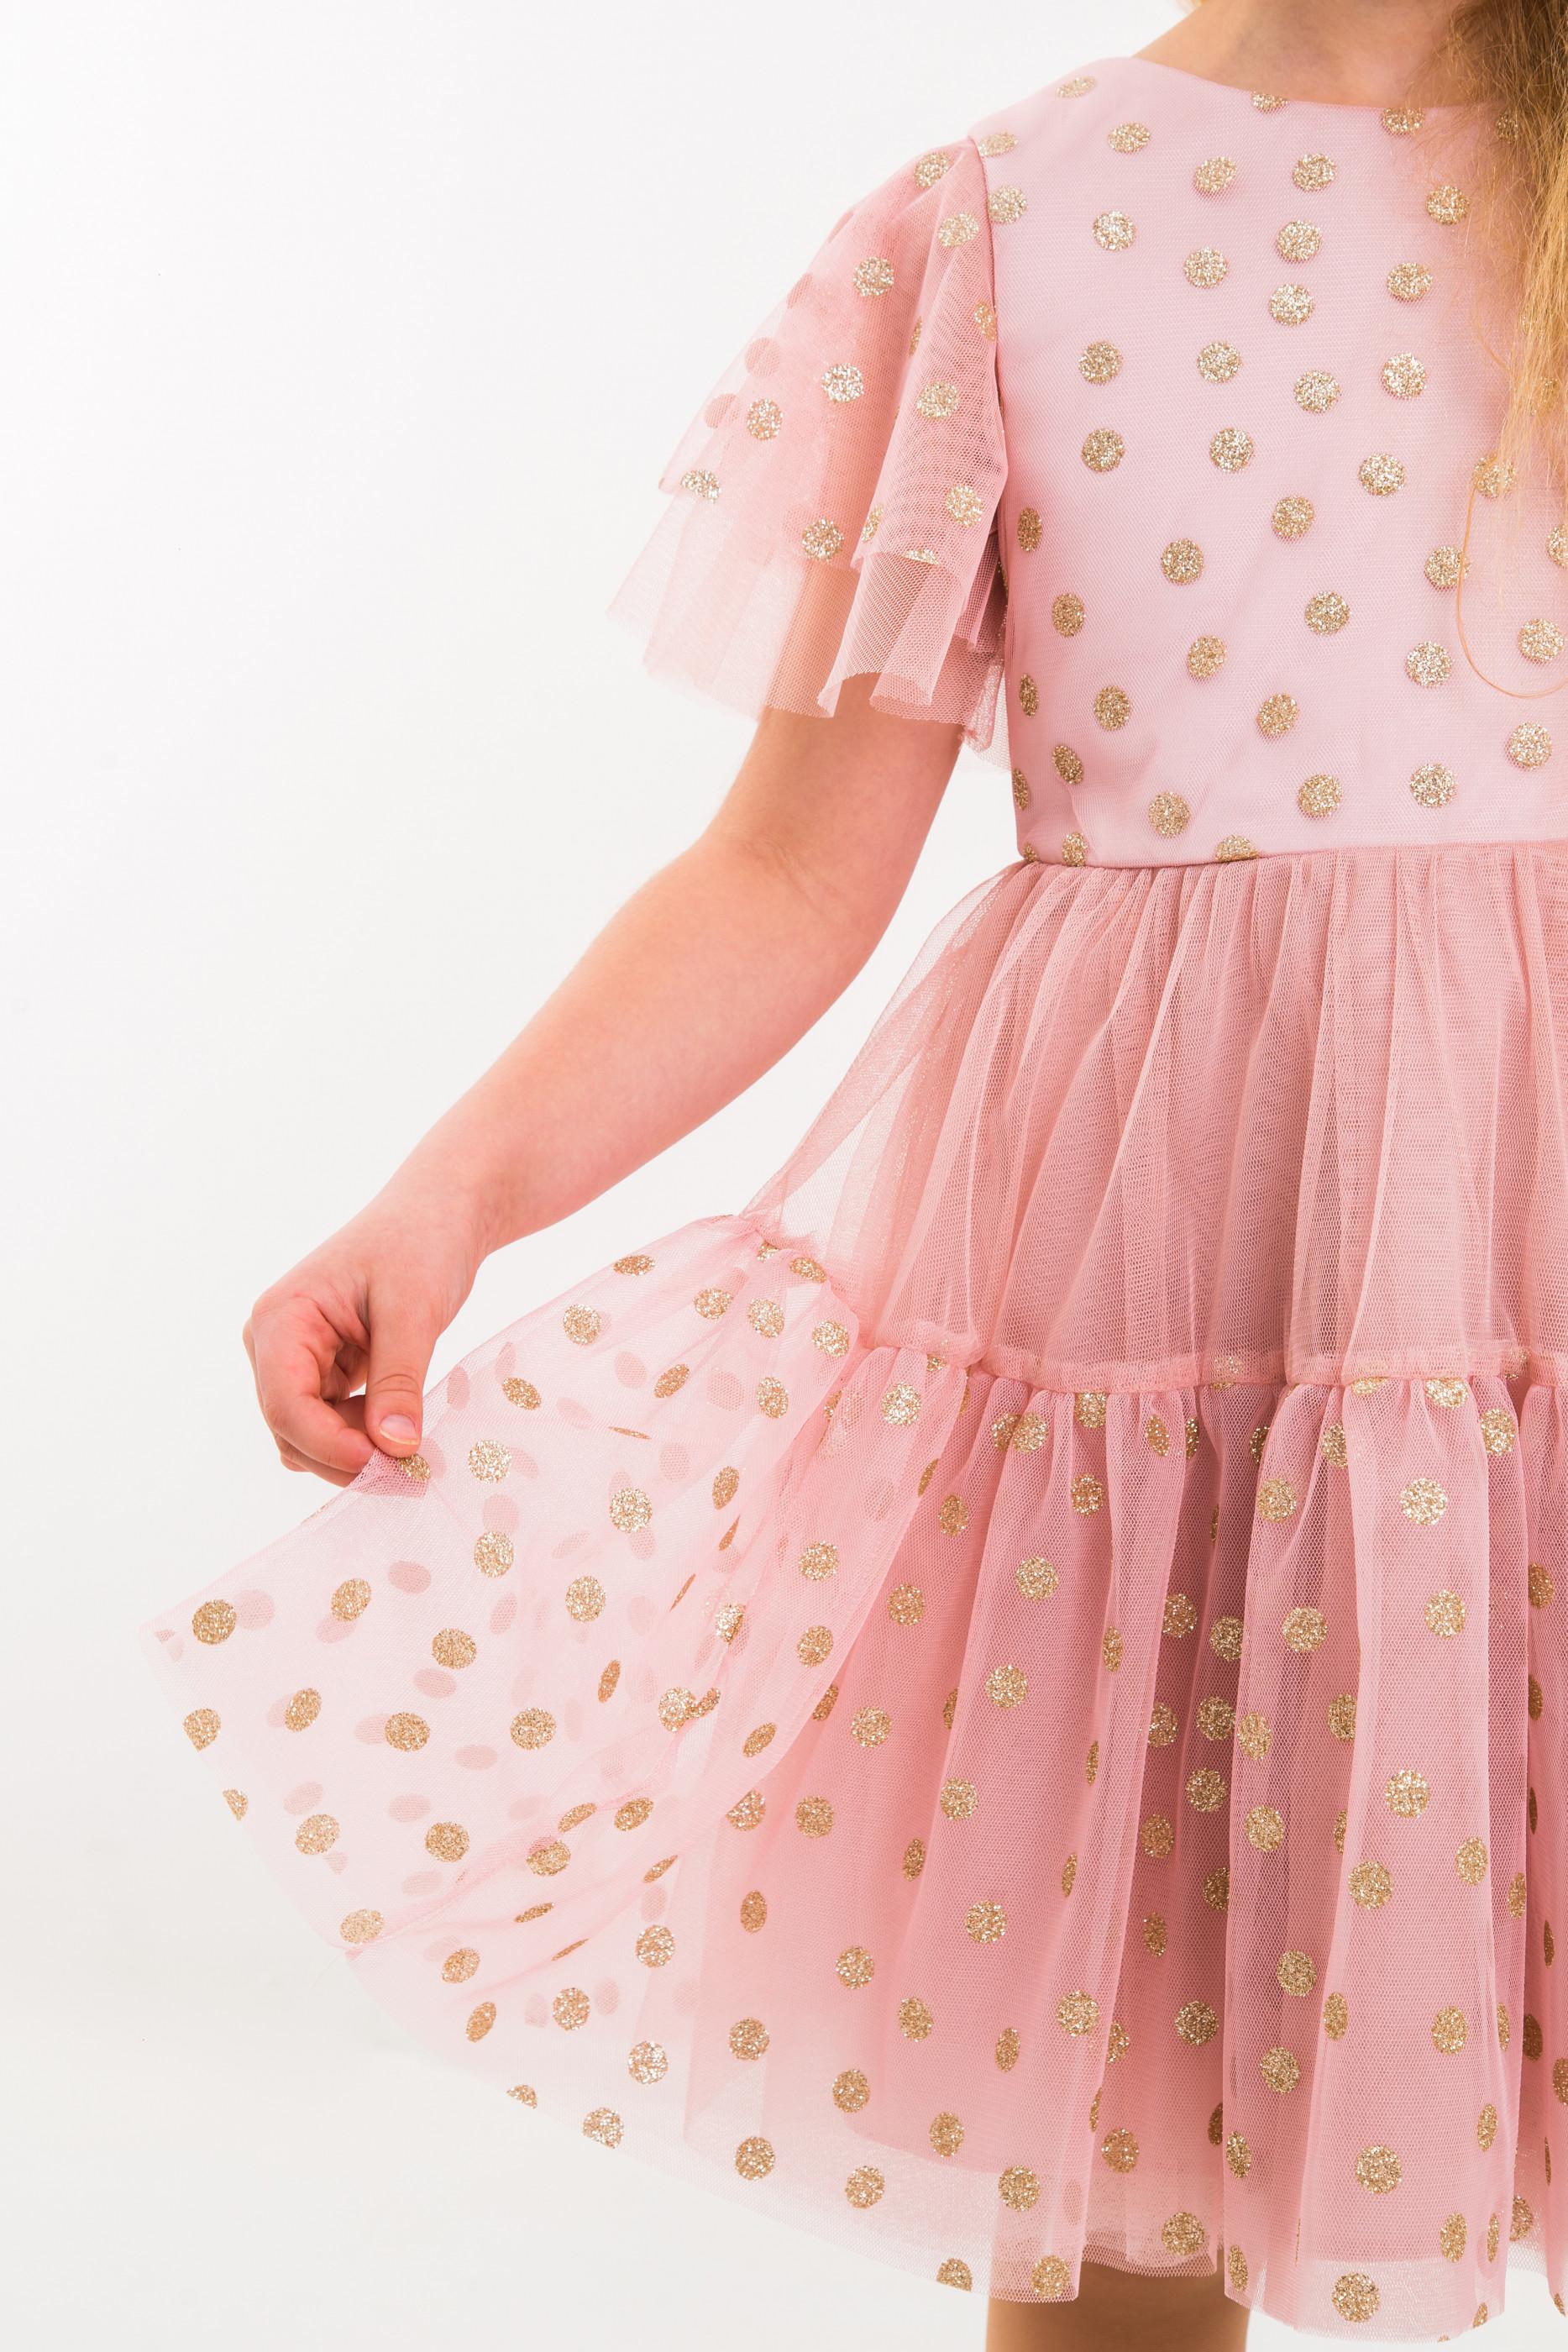 Плаття Роберта, фото №4